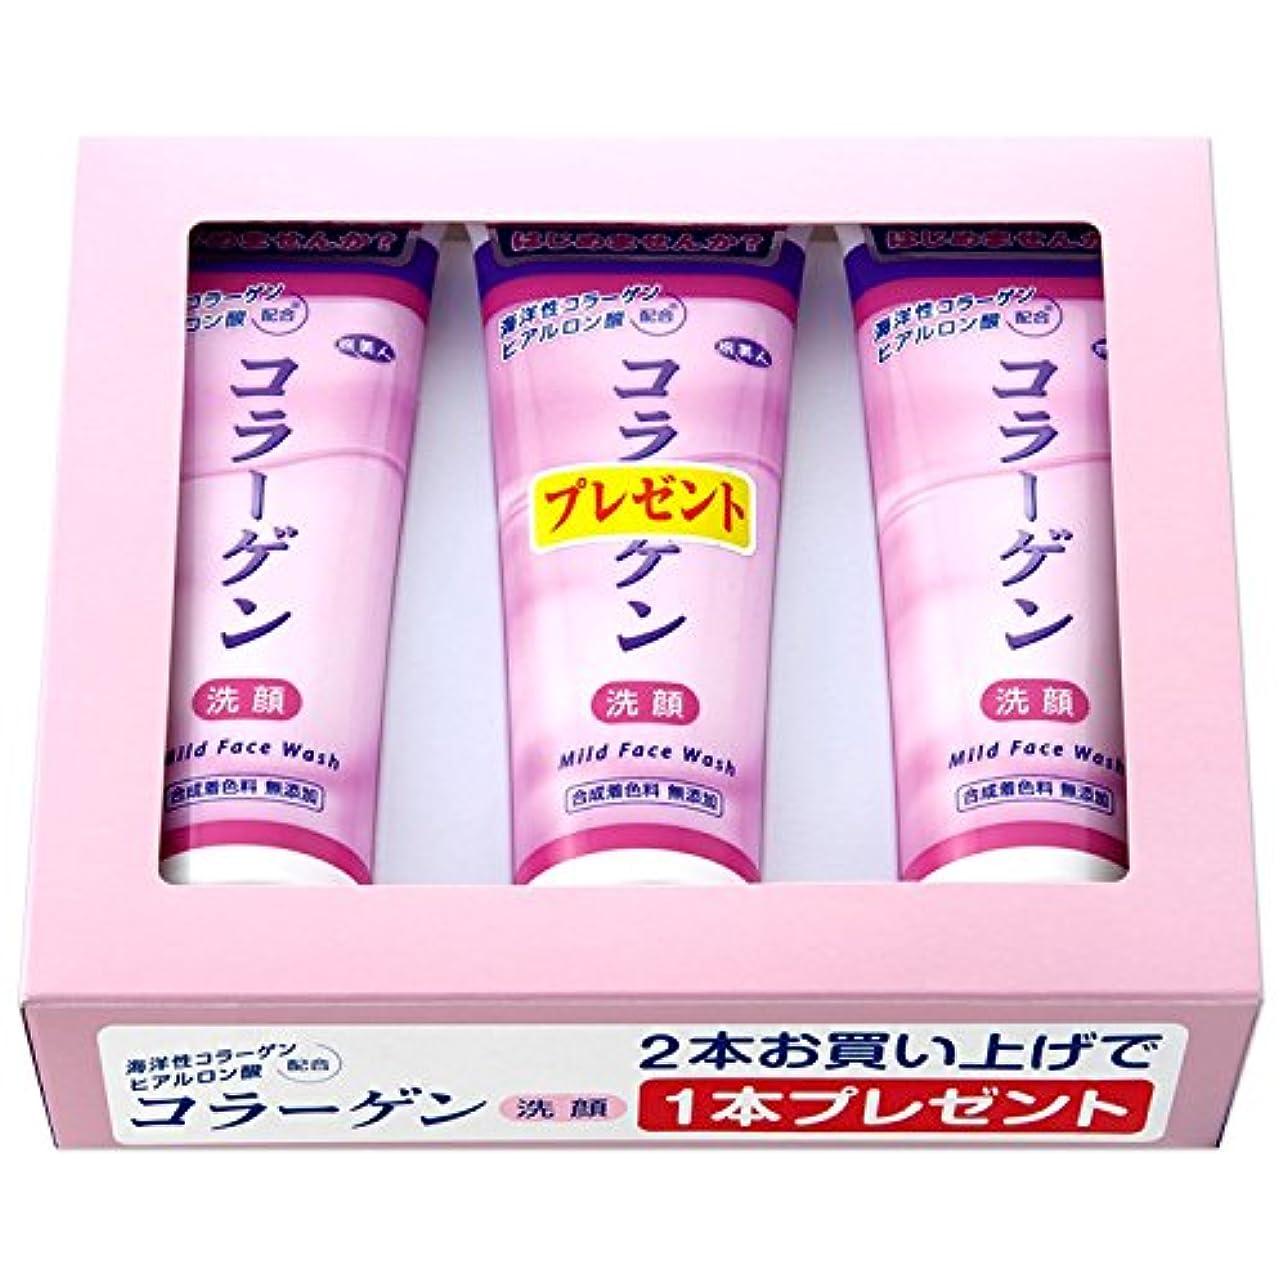 演じる珍味満足させるアズマ商事の コラーゲン洗顔クリーム お得な 2本の値段で3本入りセット